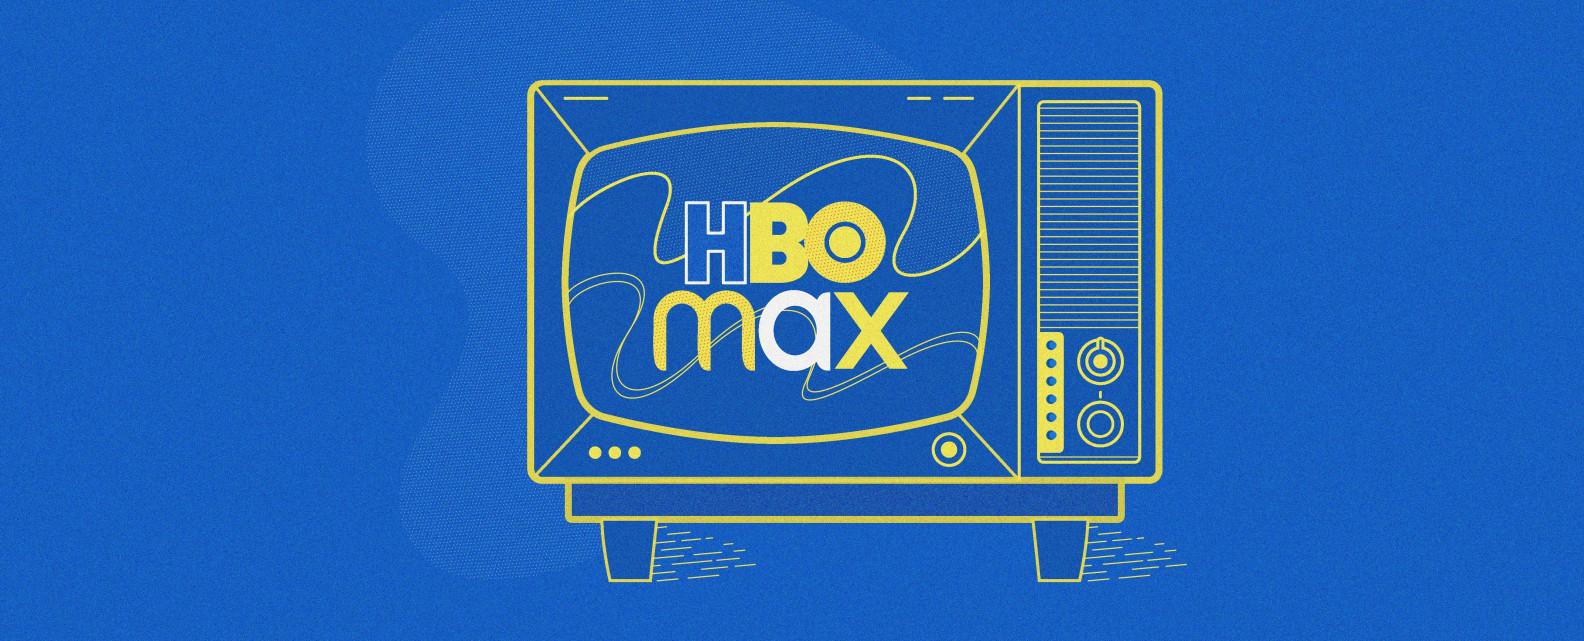 Najlepsza sieć VPN dla HBO Max